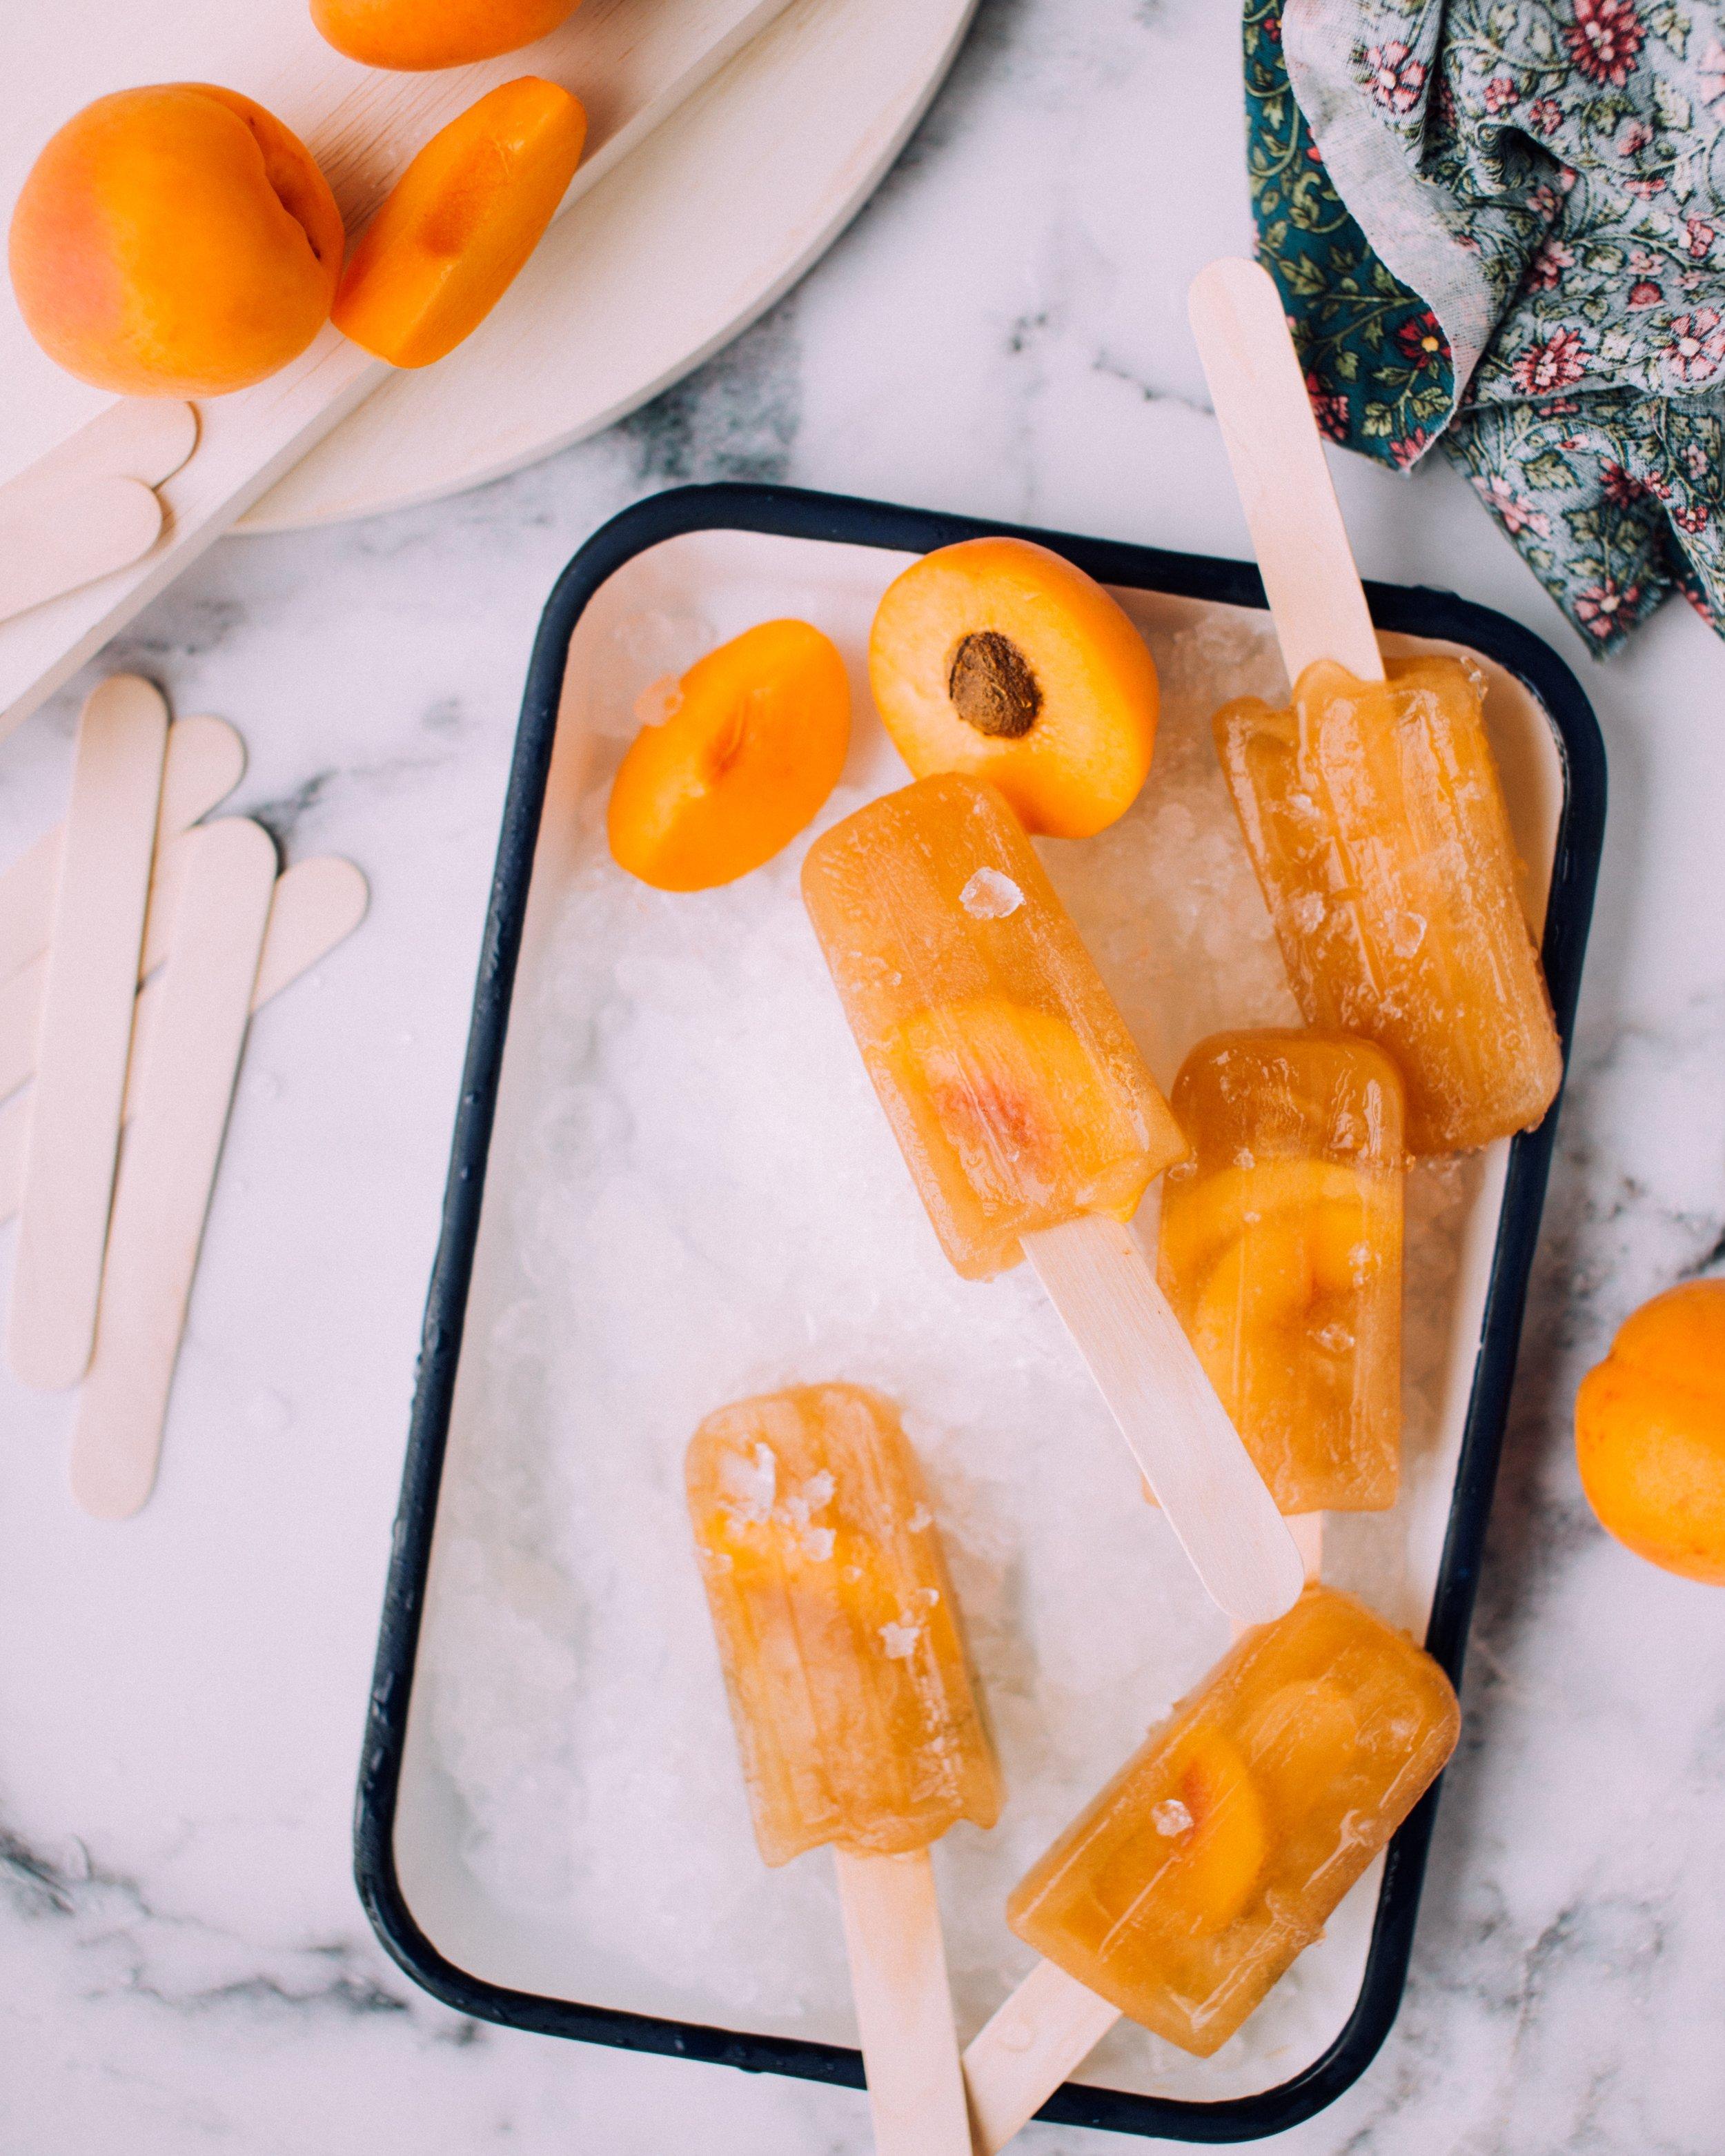 Image by Jennifer Pallian of Foodess.